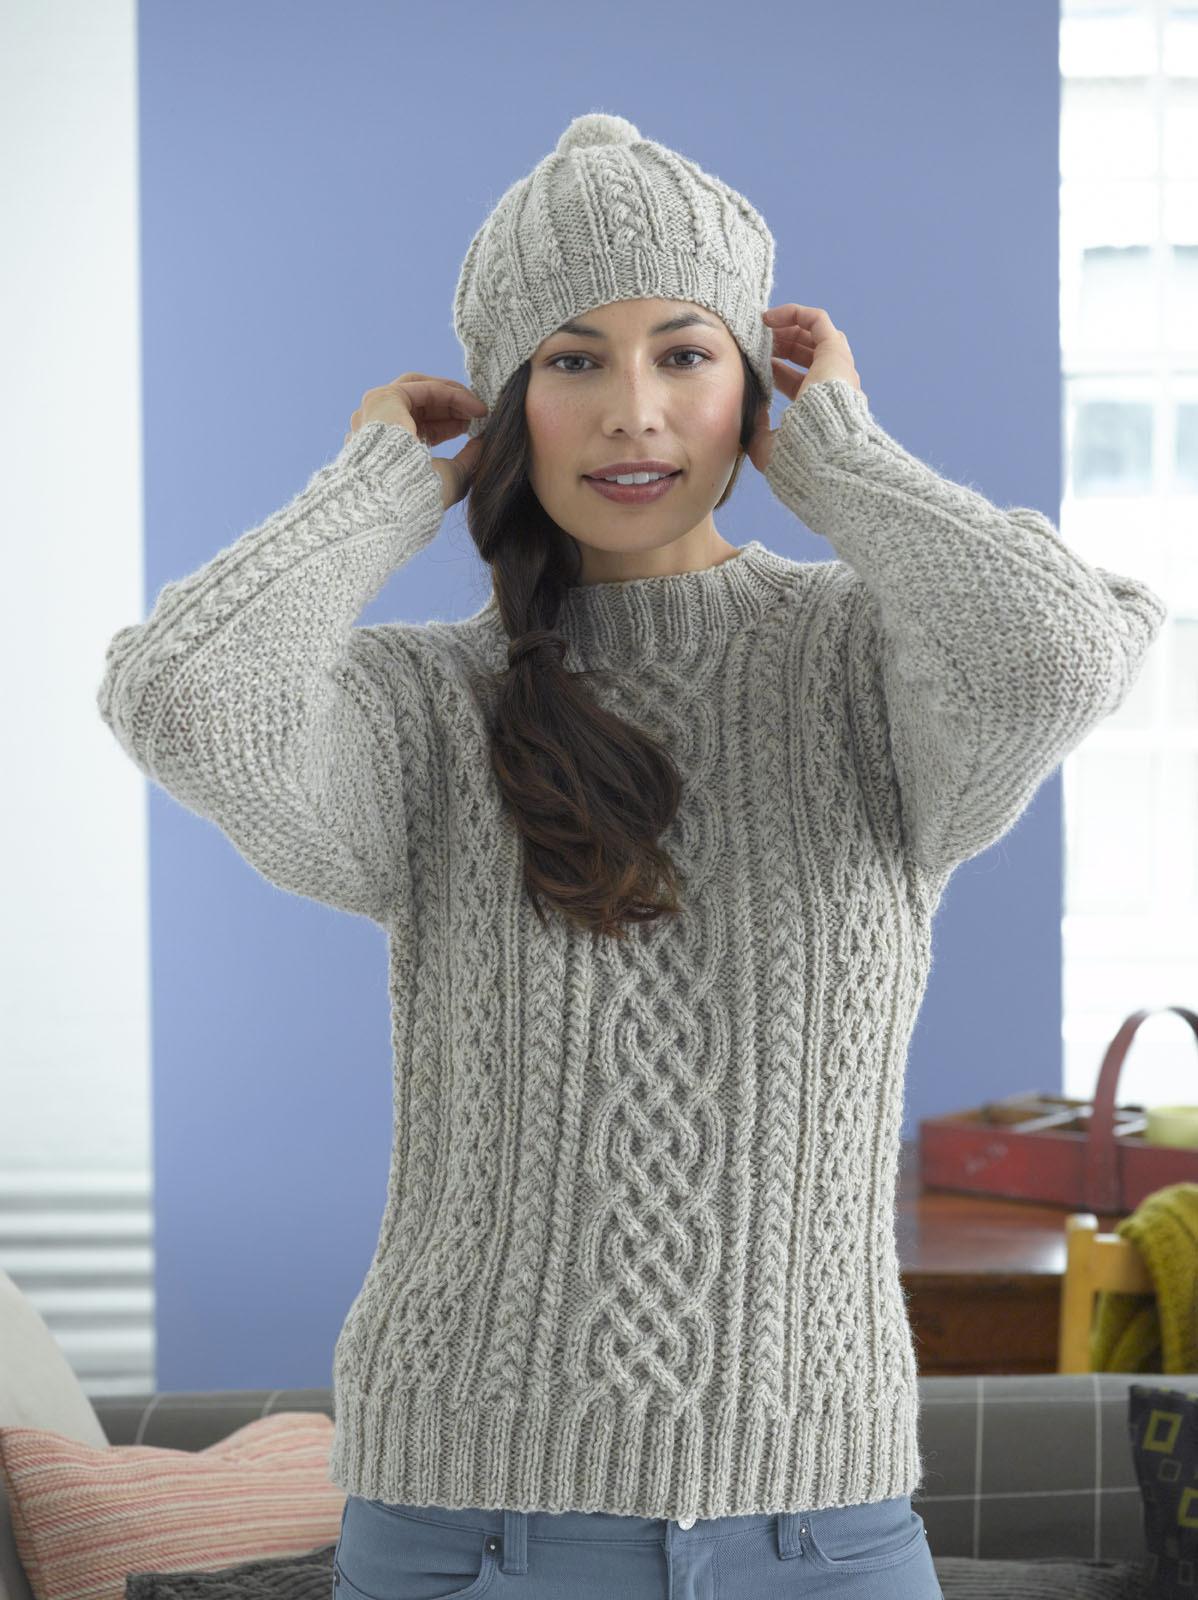 free aran knitting patterns cute-free-aran-knitting-patterns-ladies-top-5- xstxisa